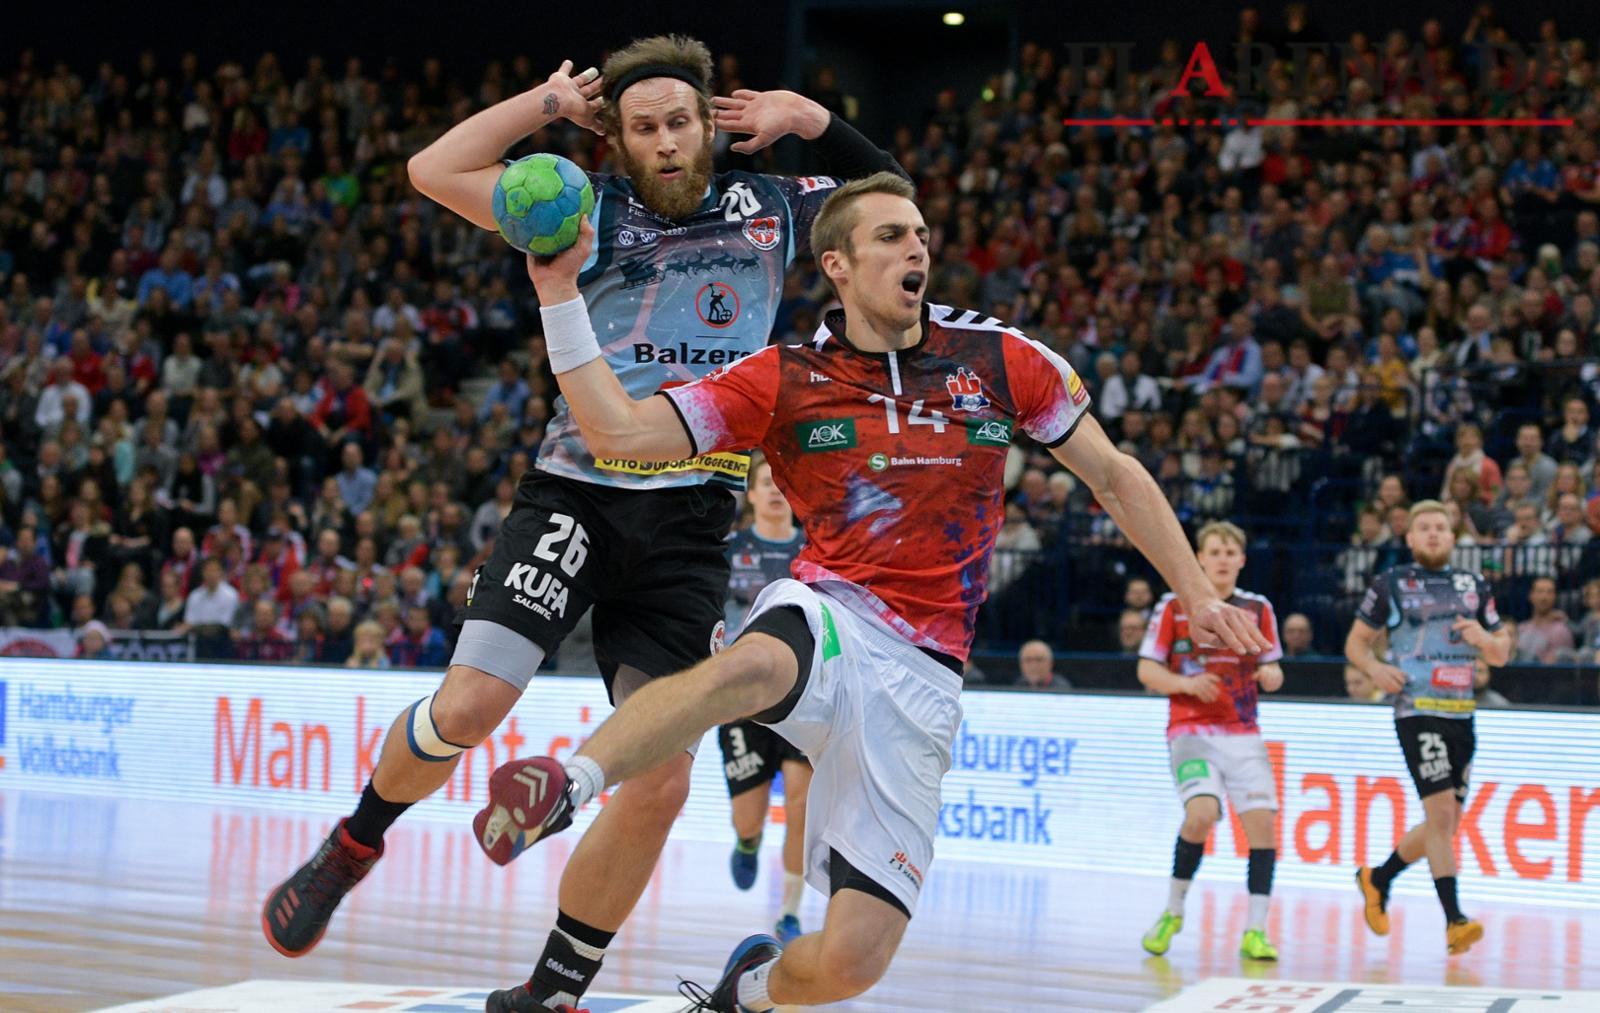 Hsv Handball Liveticker